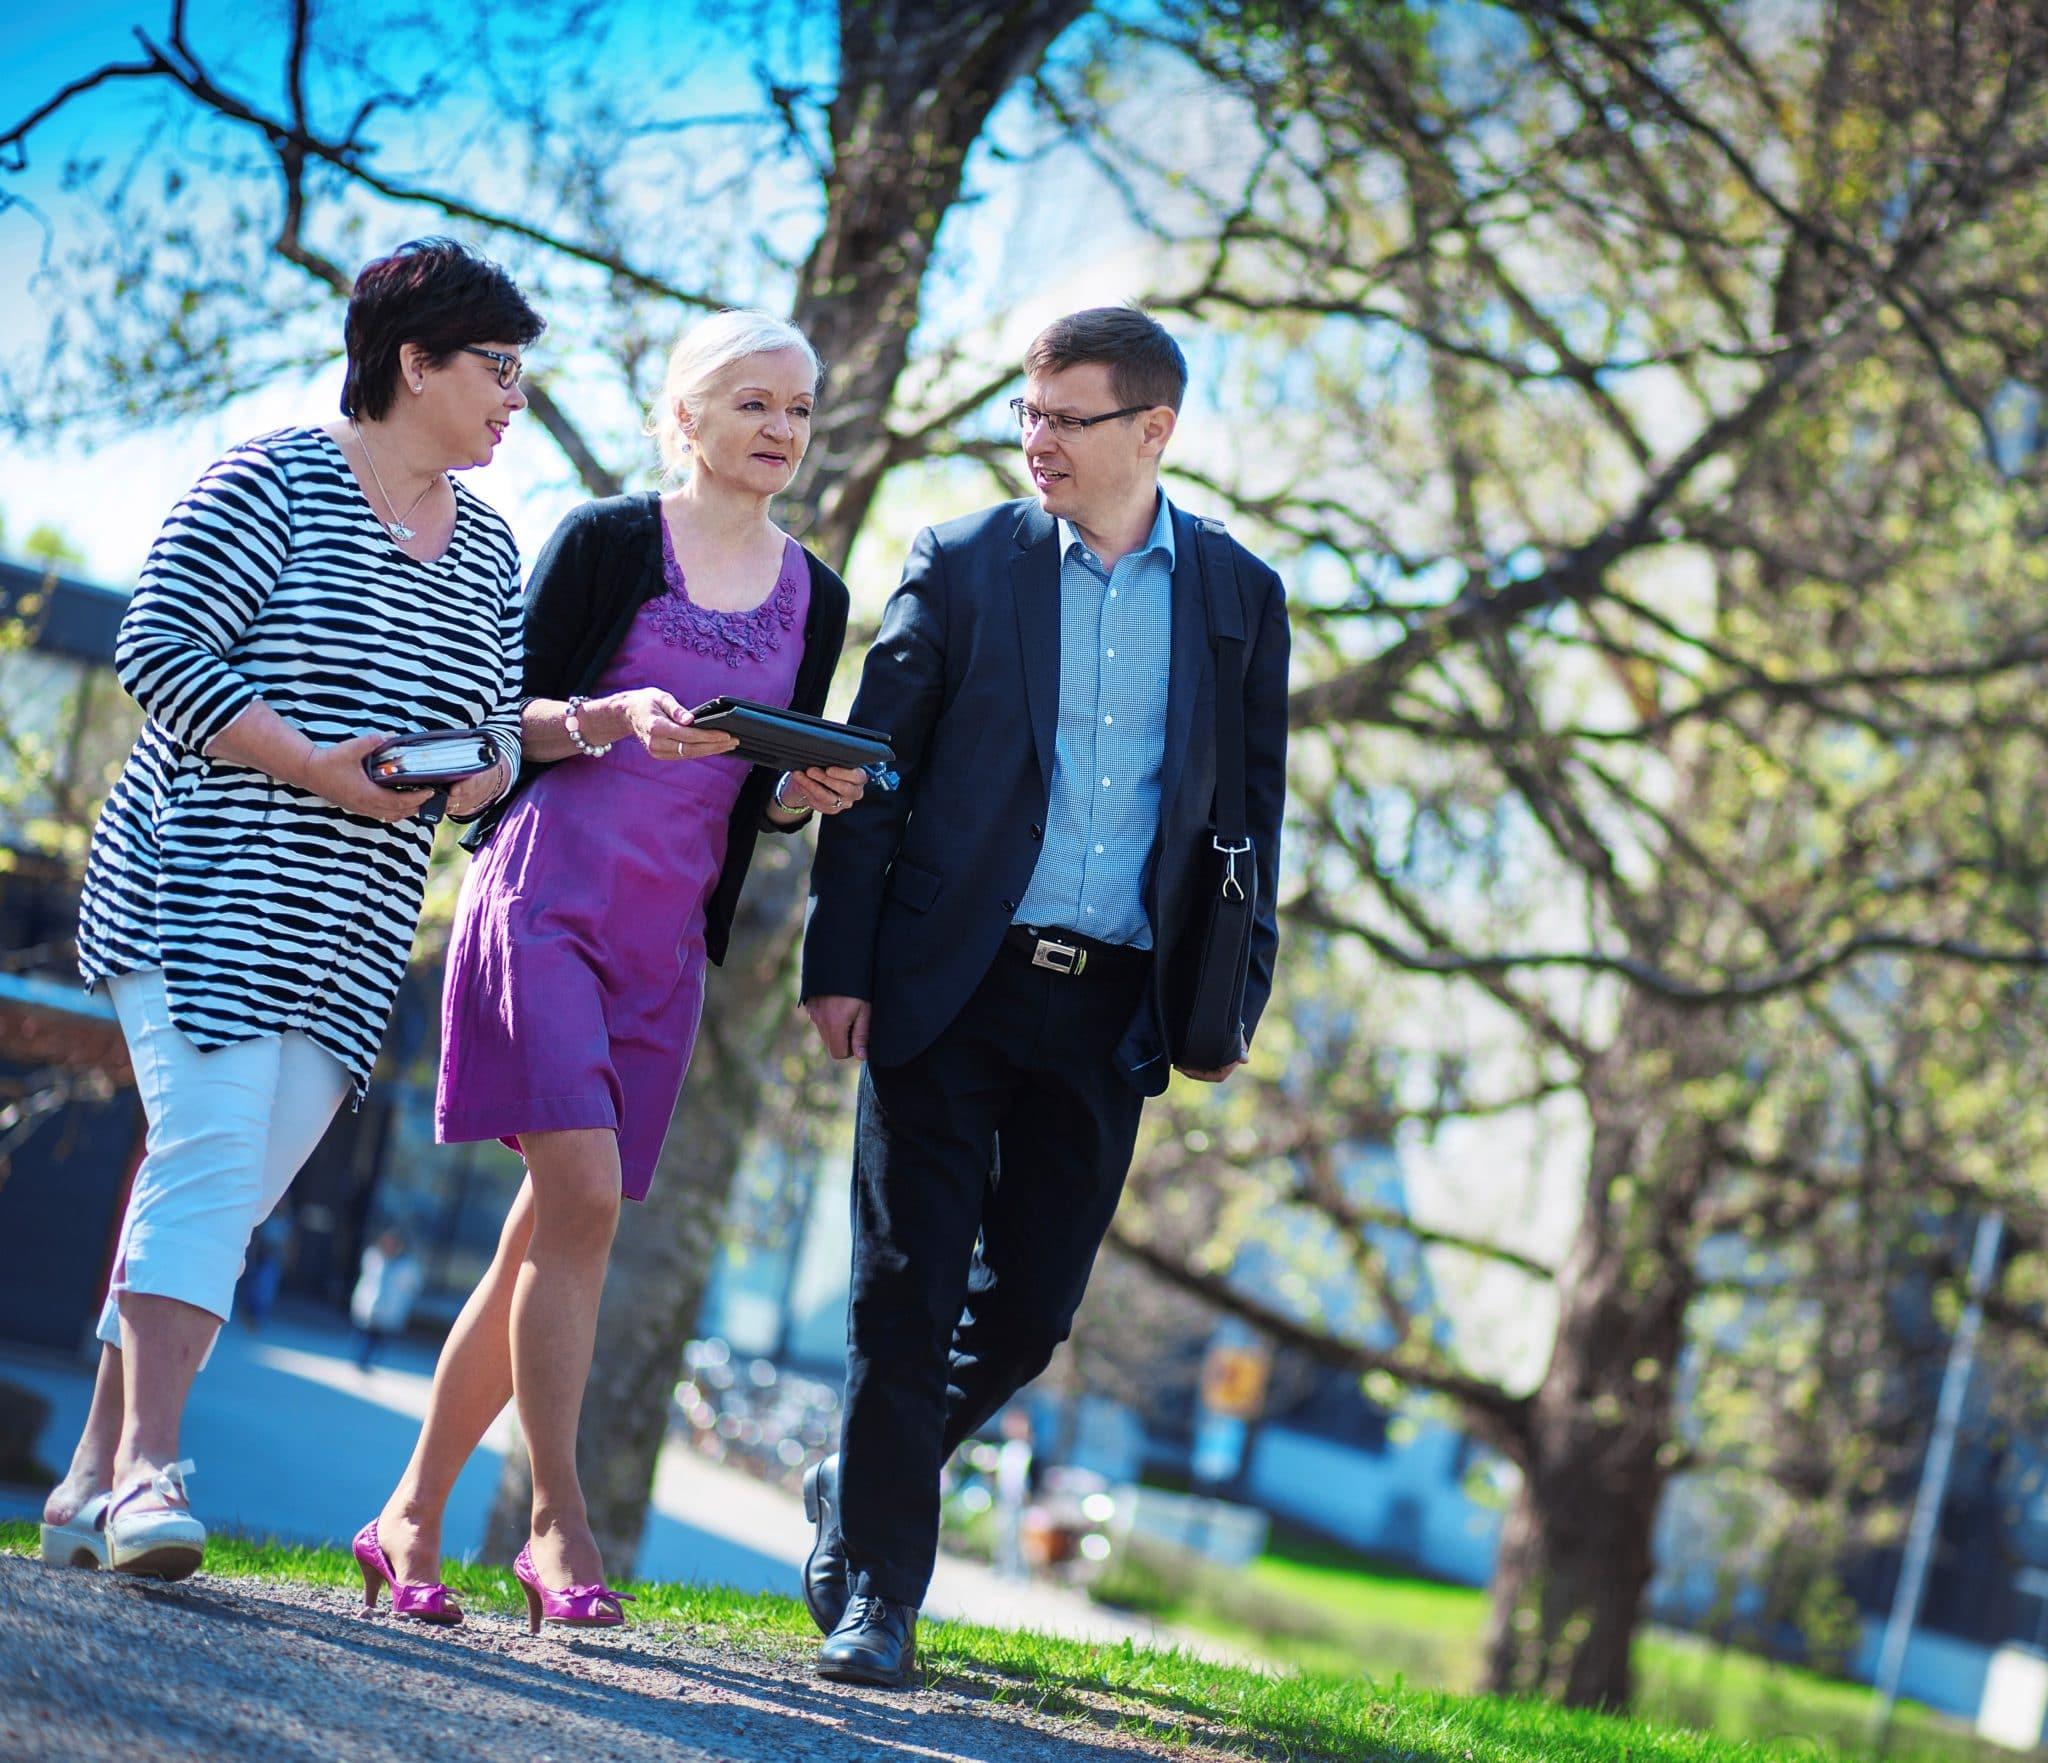 Oppilaitoshyvinvoinnin erikoistumiskoulutus - kolme ihmistä kävelee